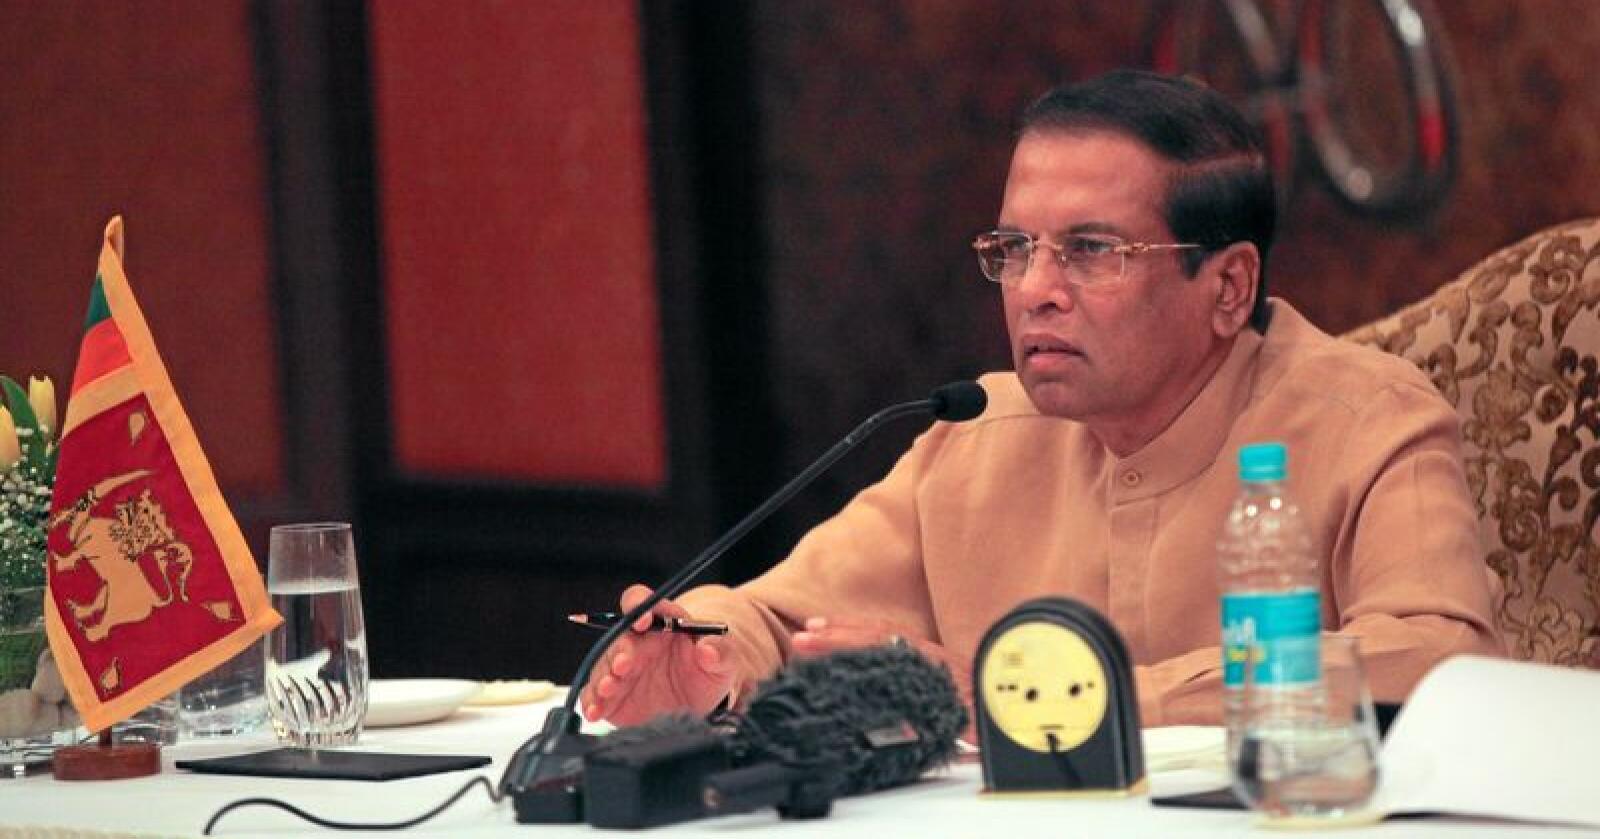 Sri Lankas president Maithripala Sirisena vil restaurere skogområder og forby hogst. Foto: AP Photo/Rishabh R. Jain/NTB SCANPIX